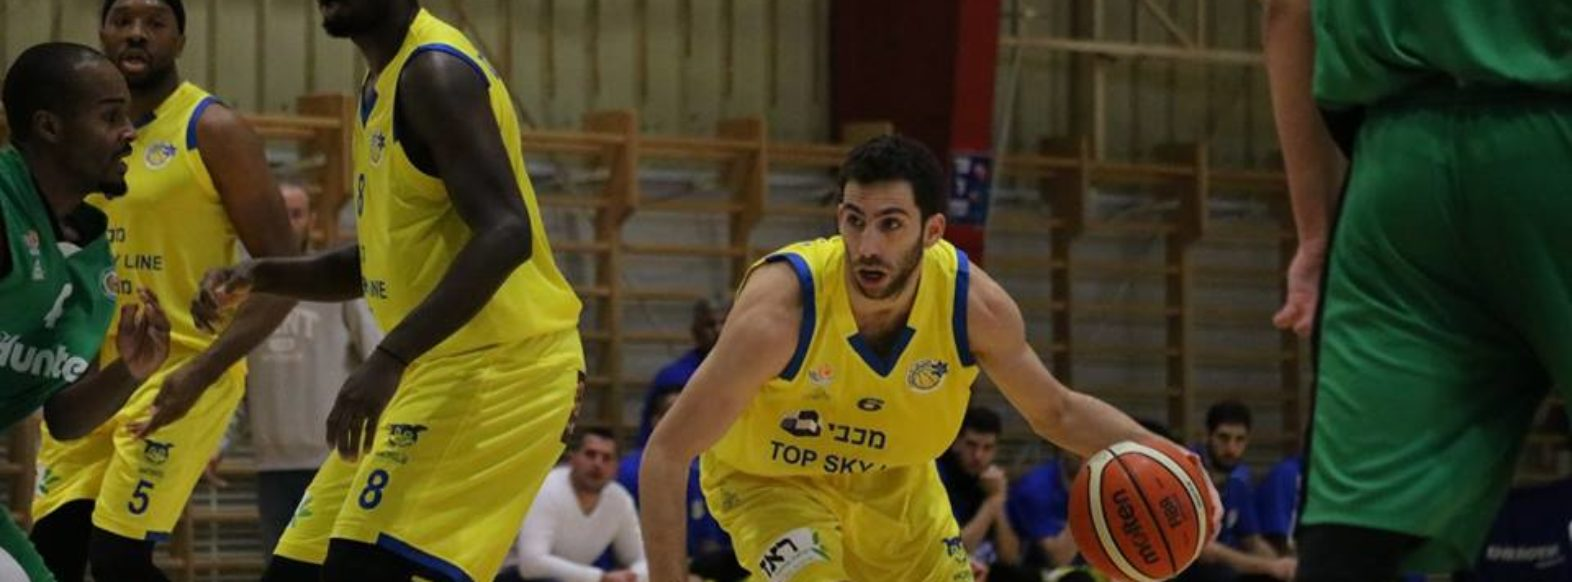 ניצחון גדול למכבי מוצקין בכדורסל על הפועל חיפה 85-98